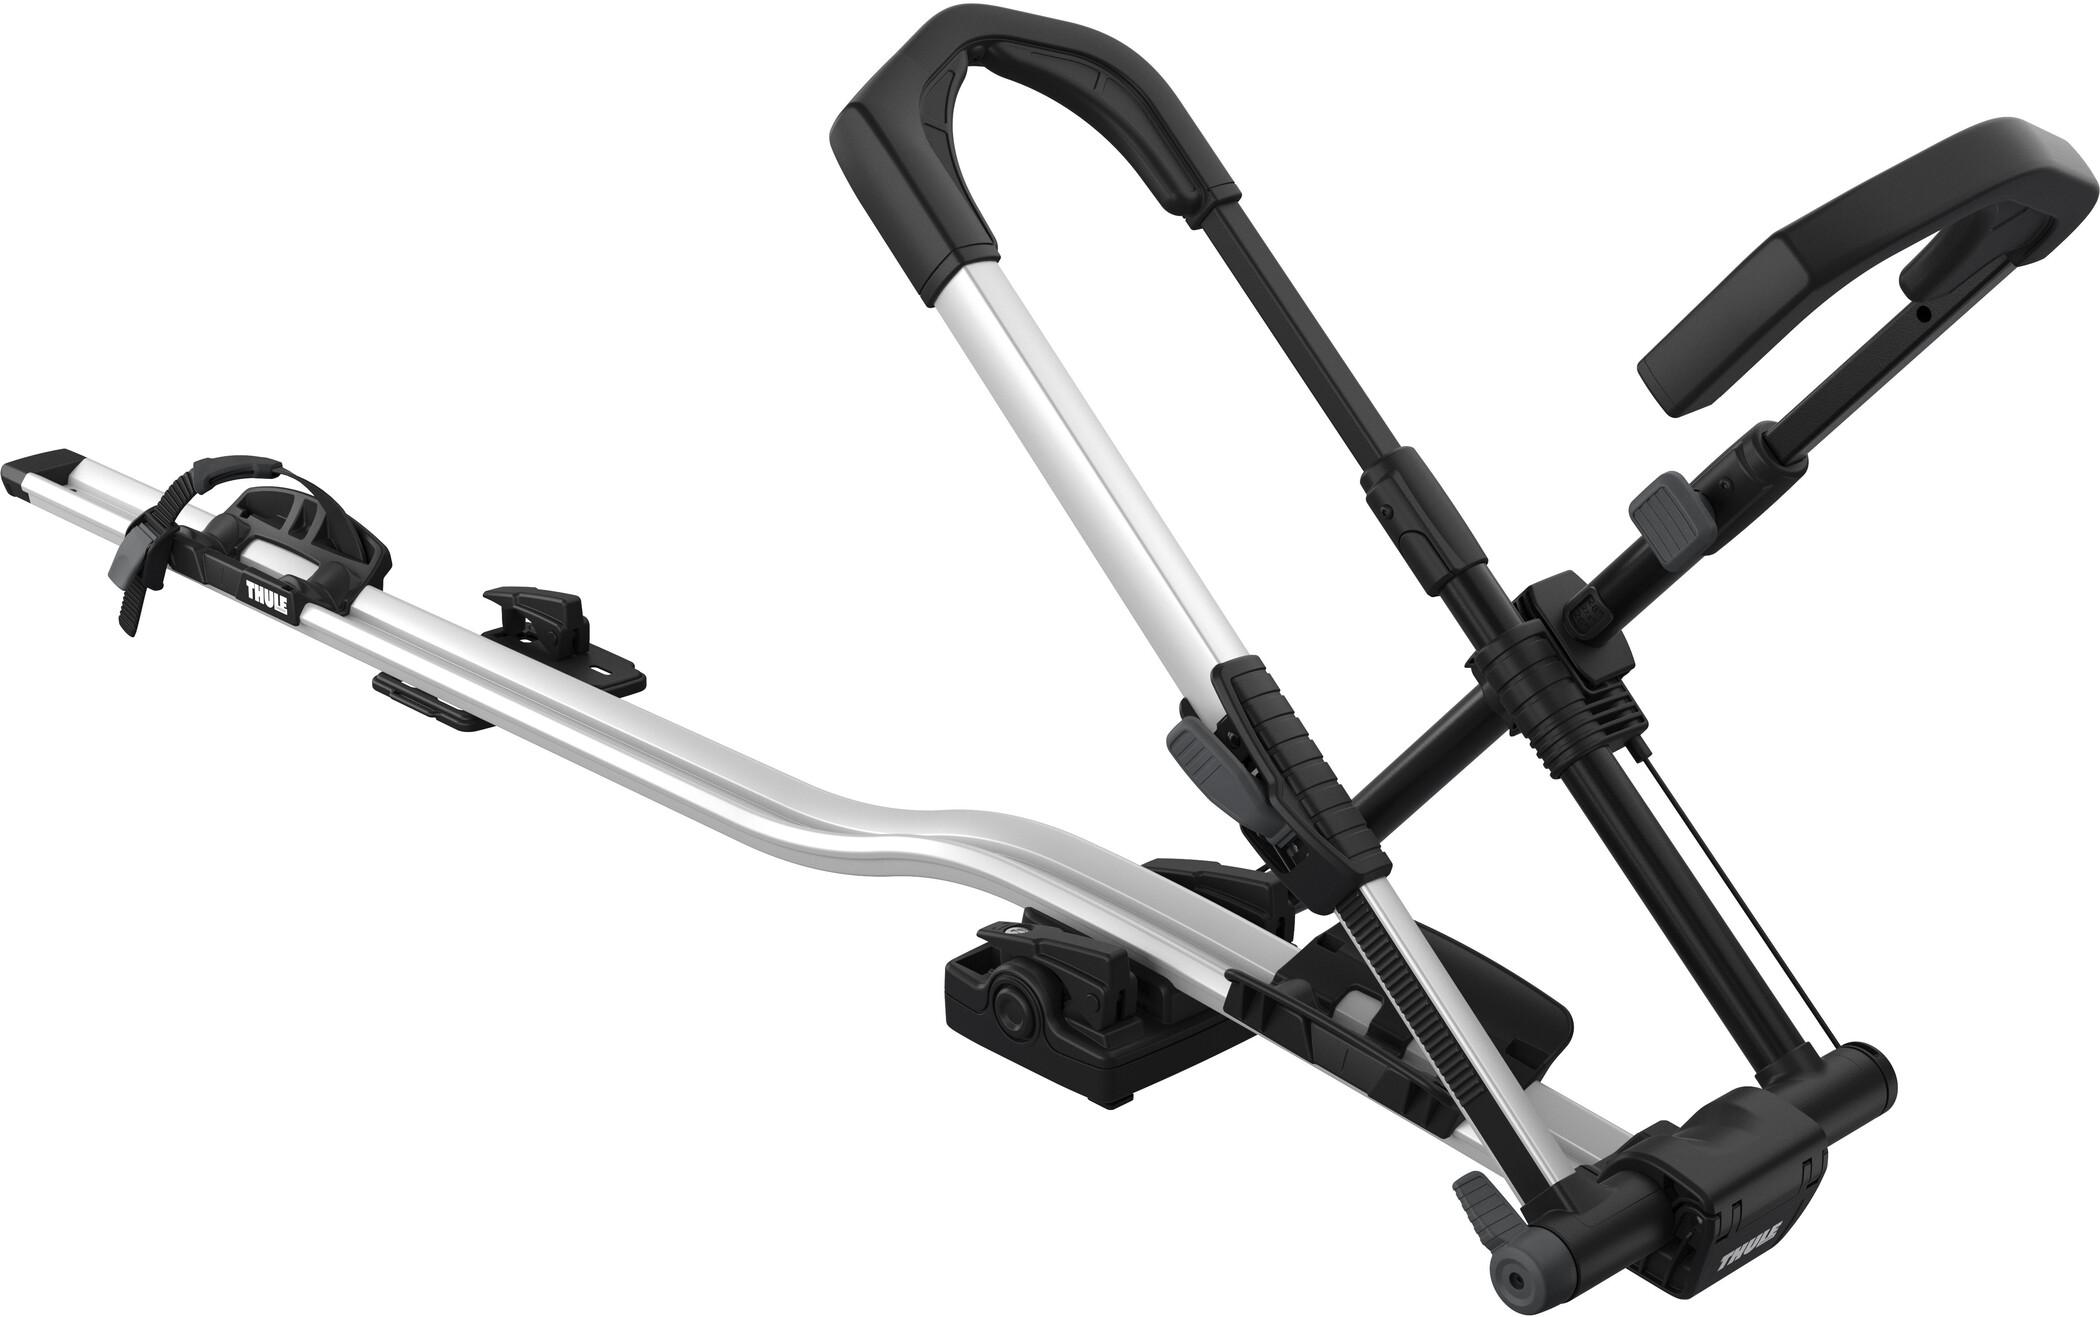 Thule UpRide Cykelholder (2019) | Cykelholder til bil